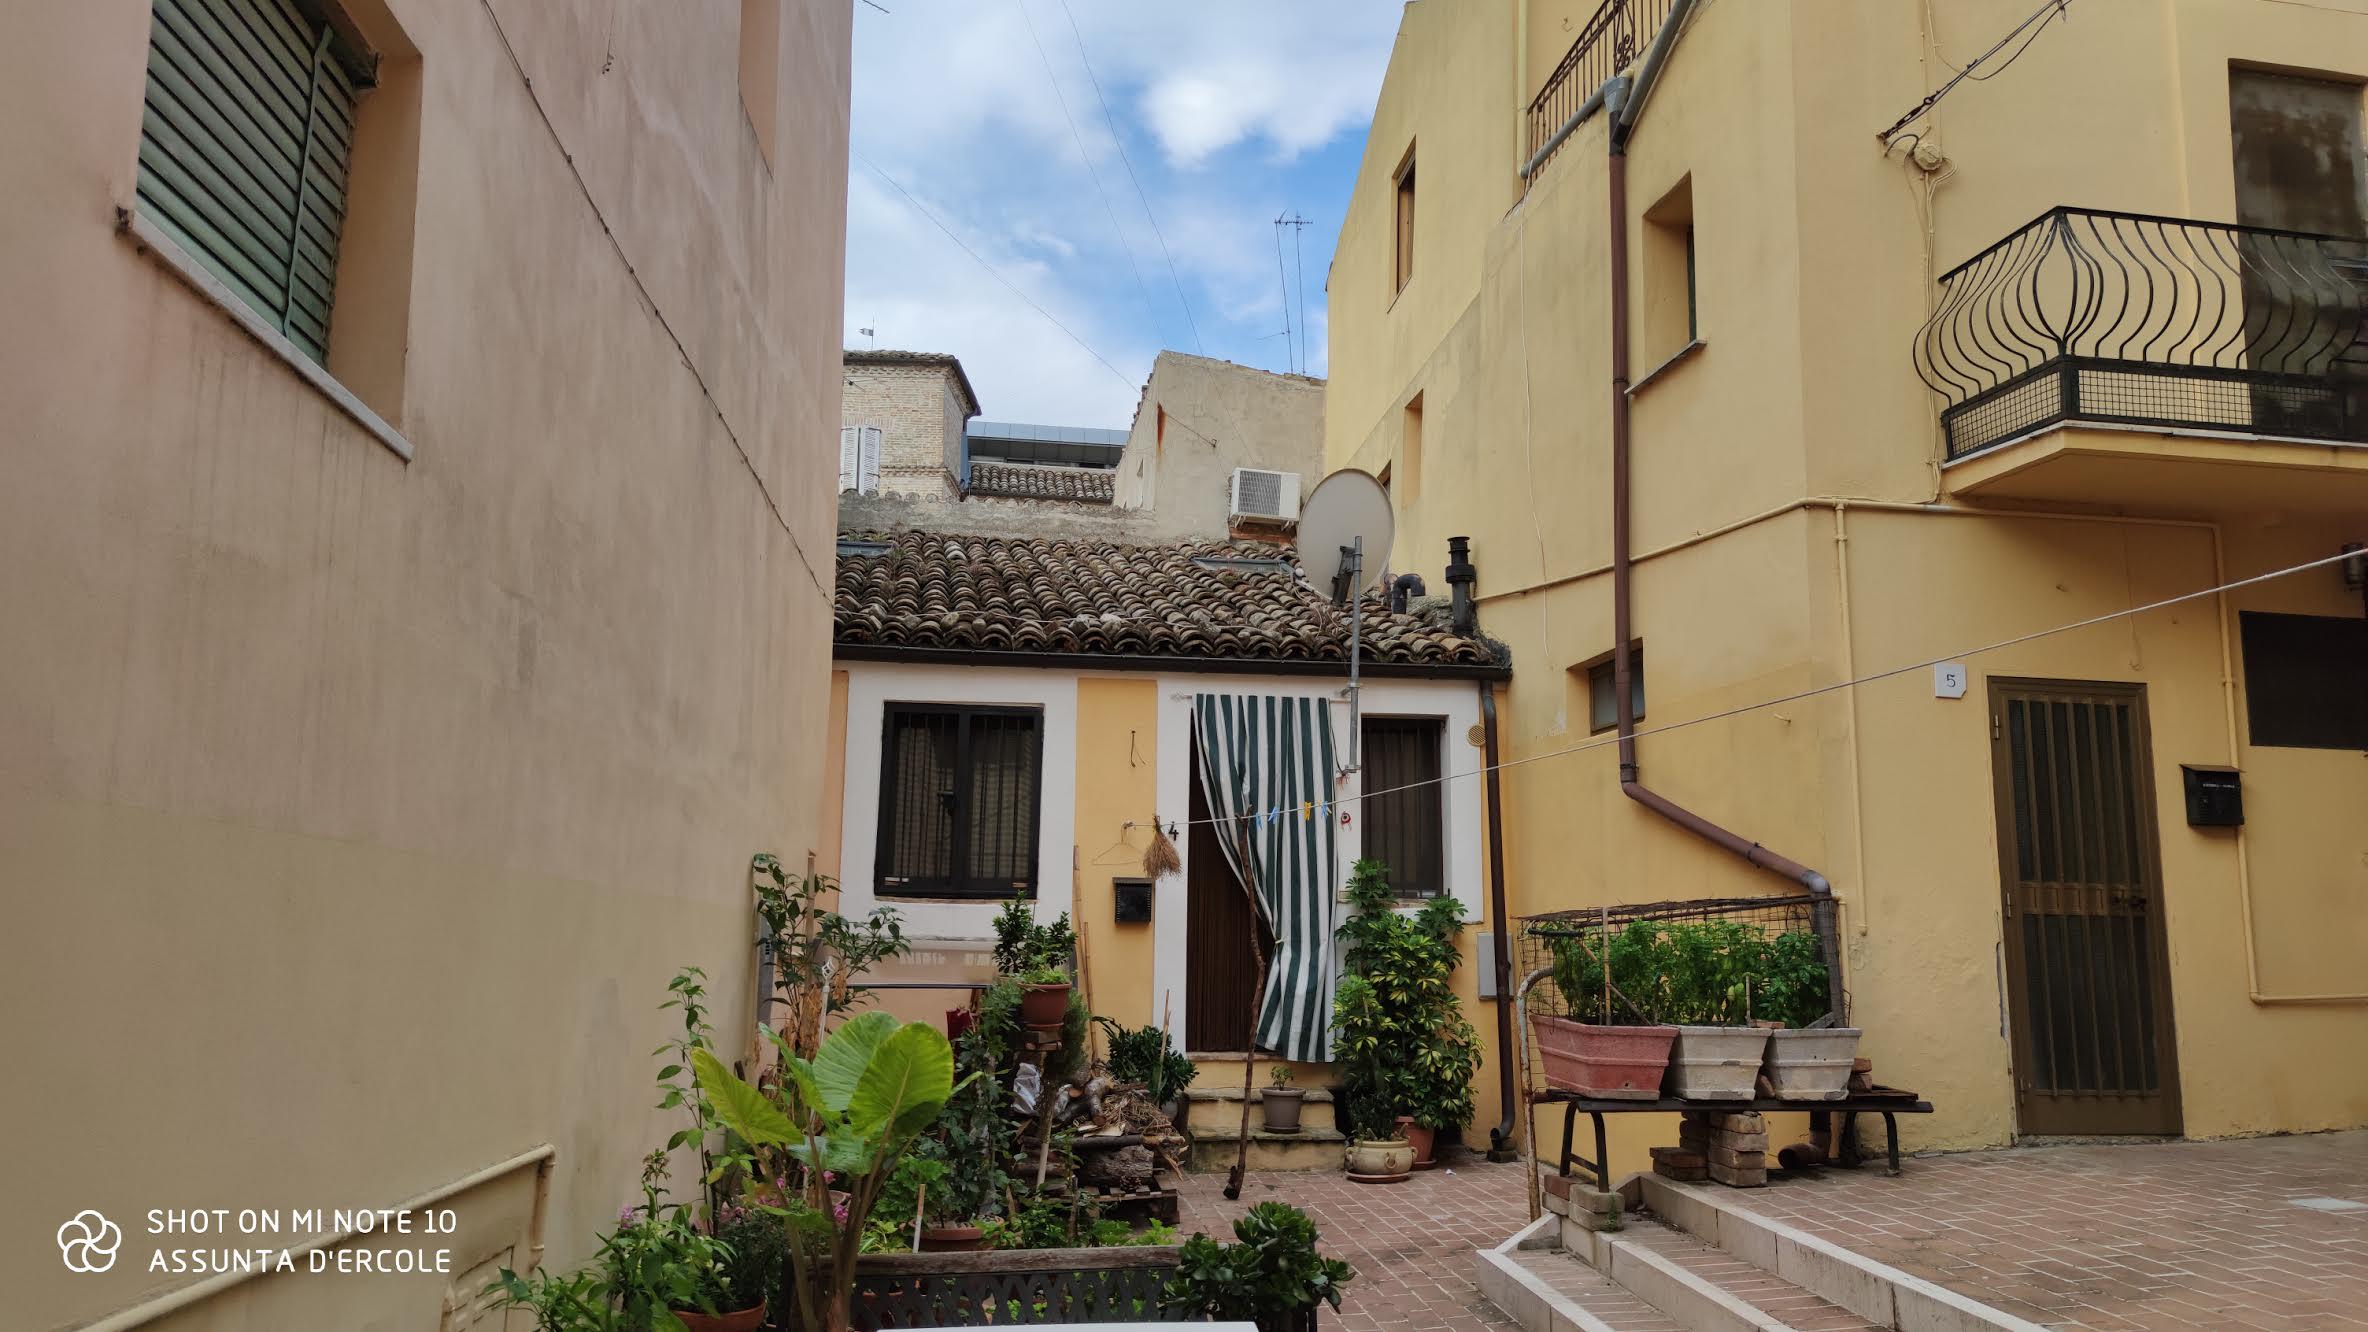 Rif 1217 Scerni (CH) – Casa in centro storico abitabile – € 55000